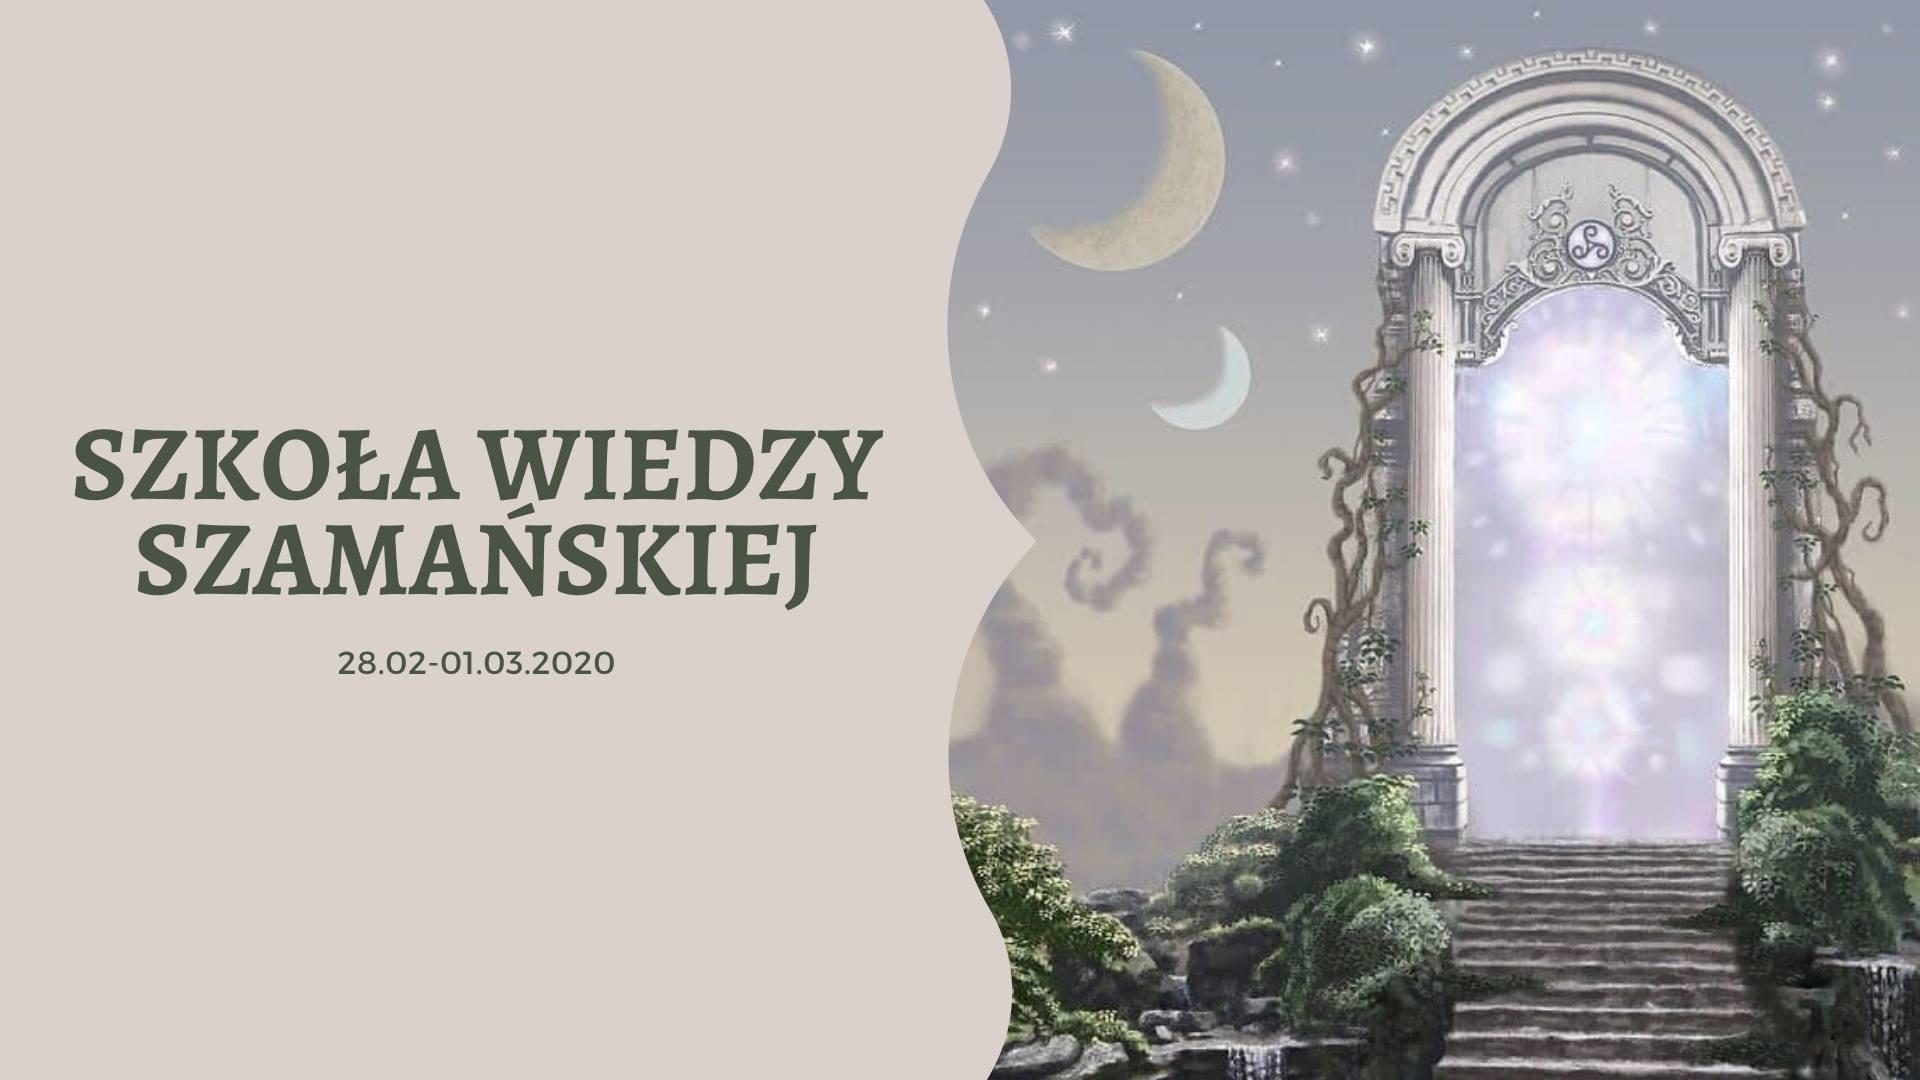 X Zjazd Szkoła Wiedzy Szamańskiej